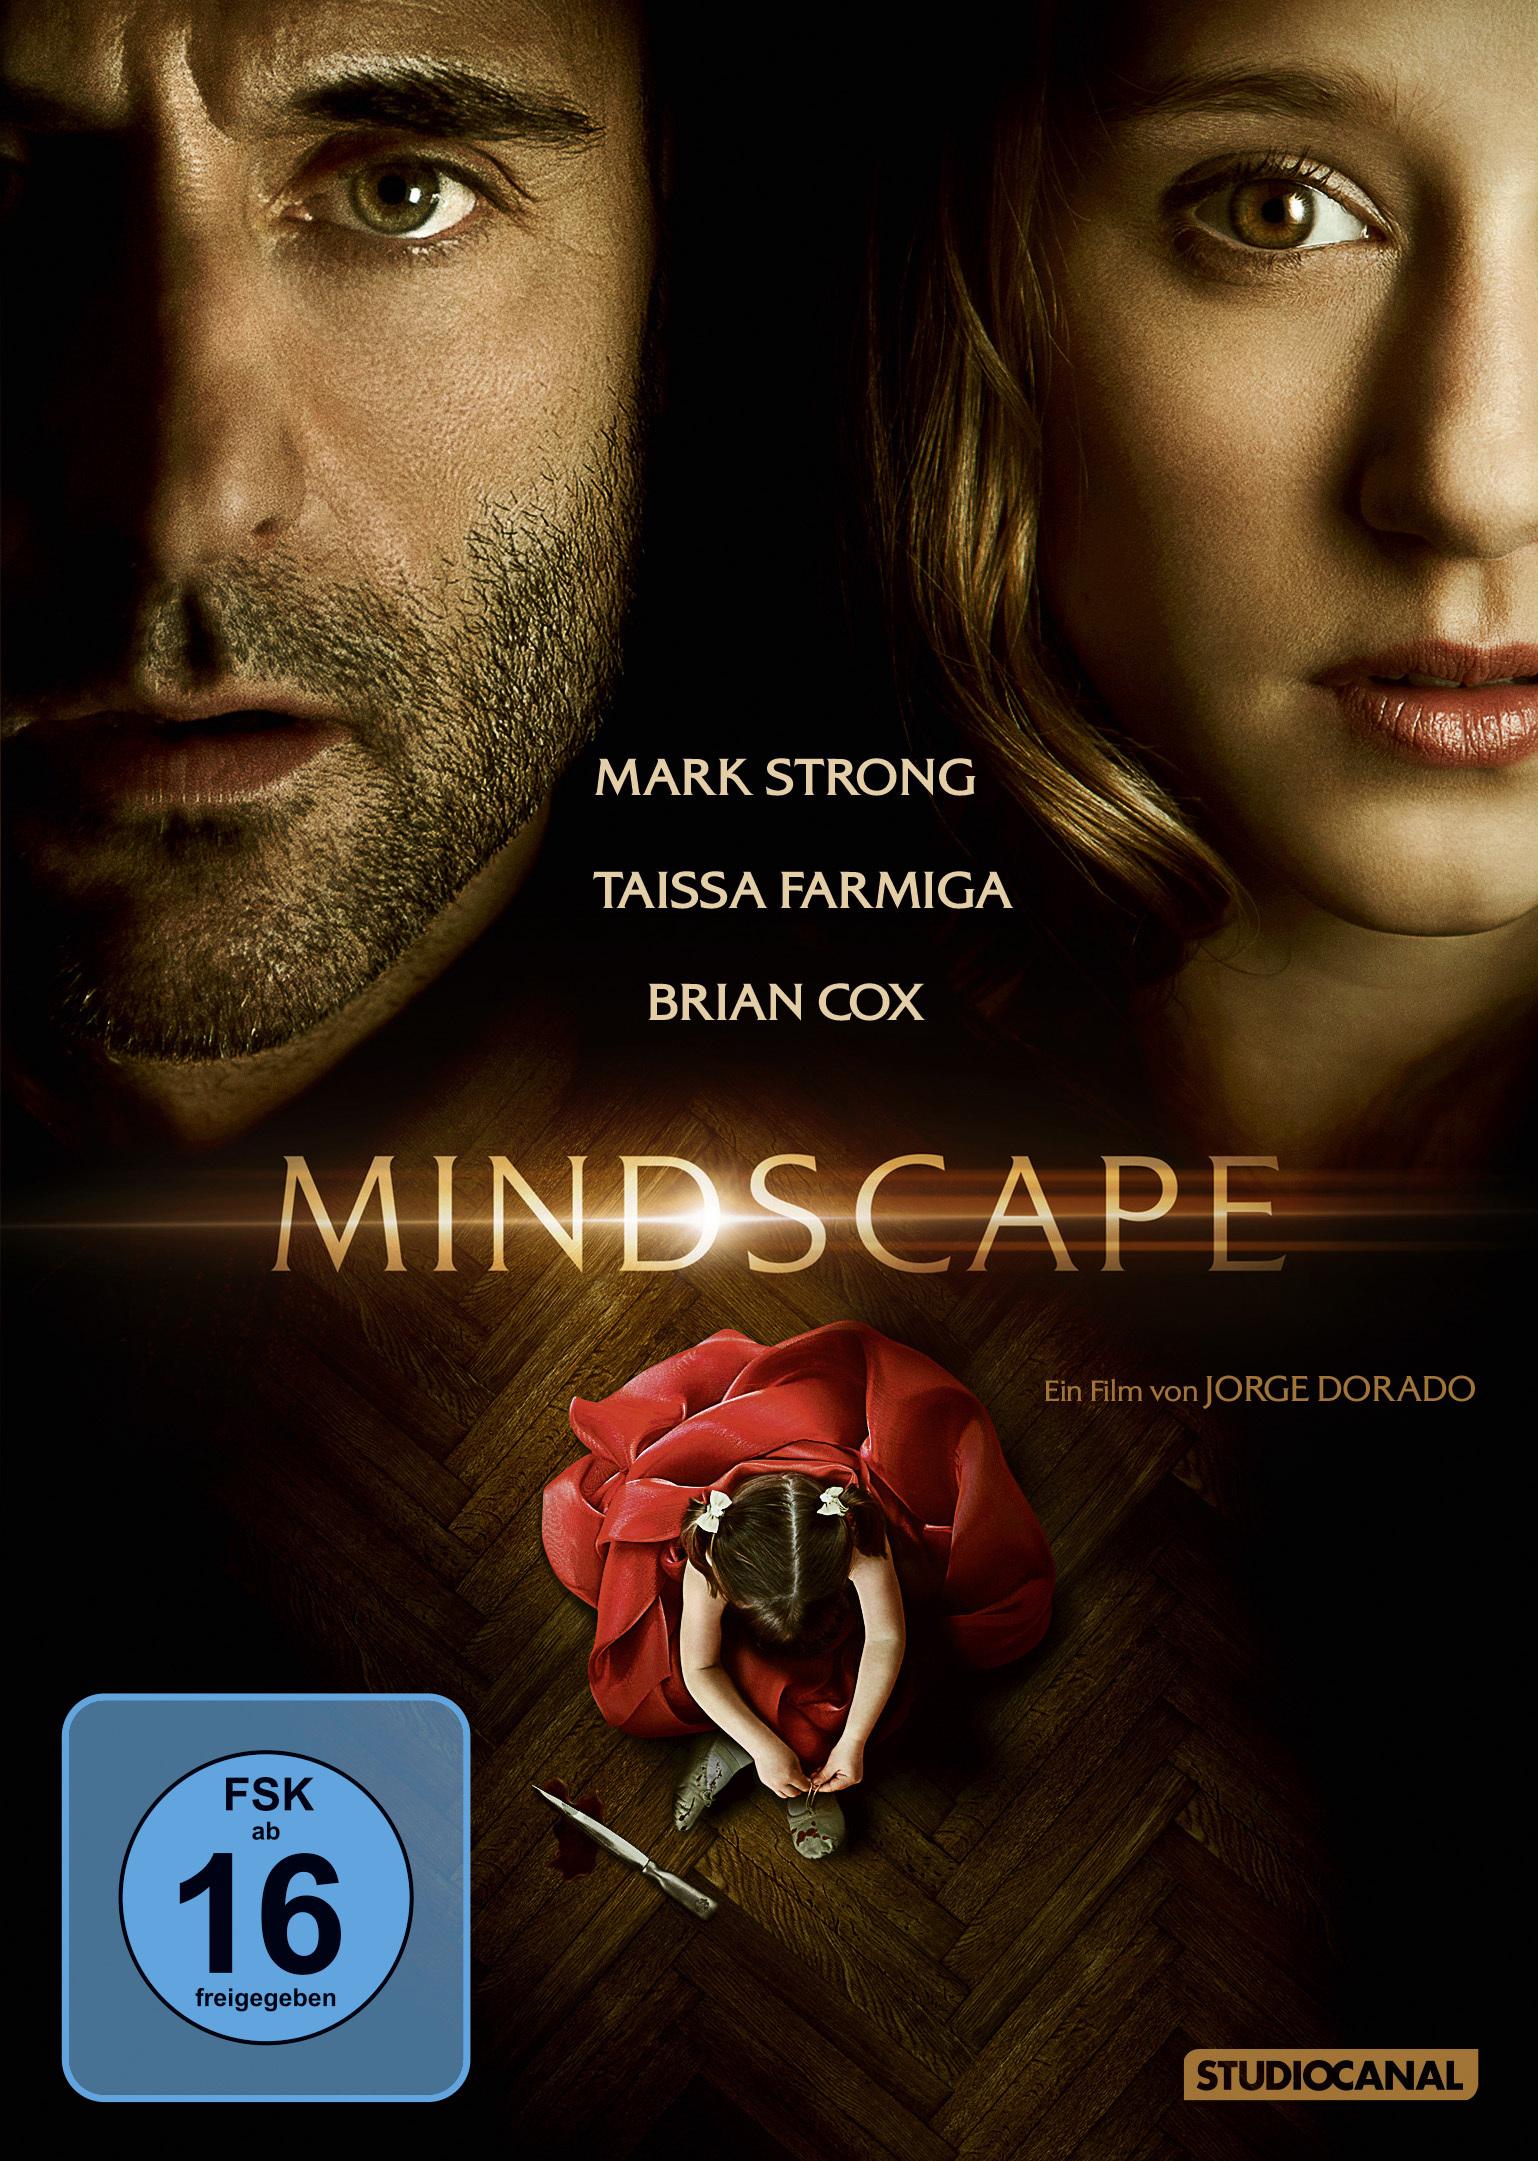 Image of Mindscape